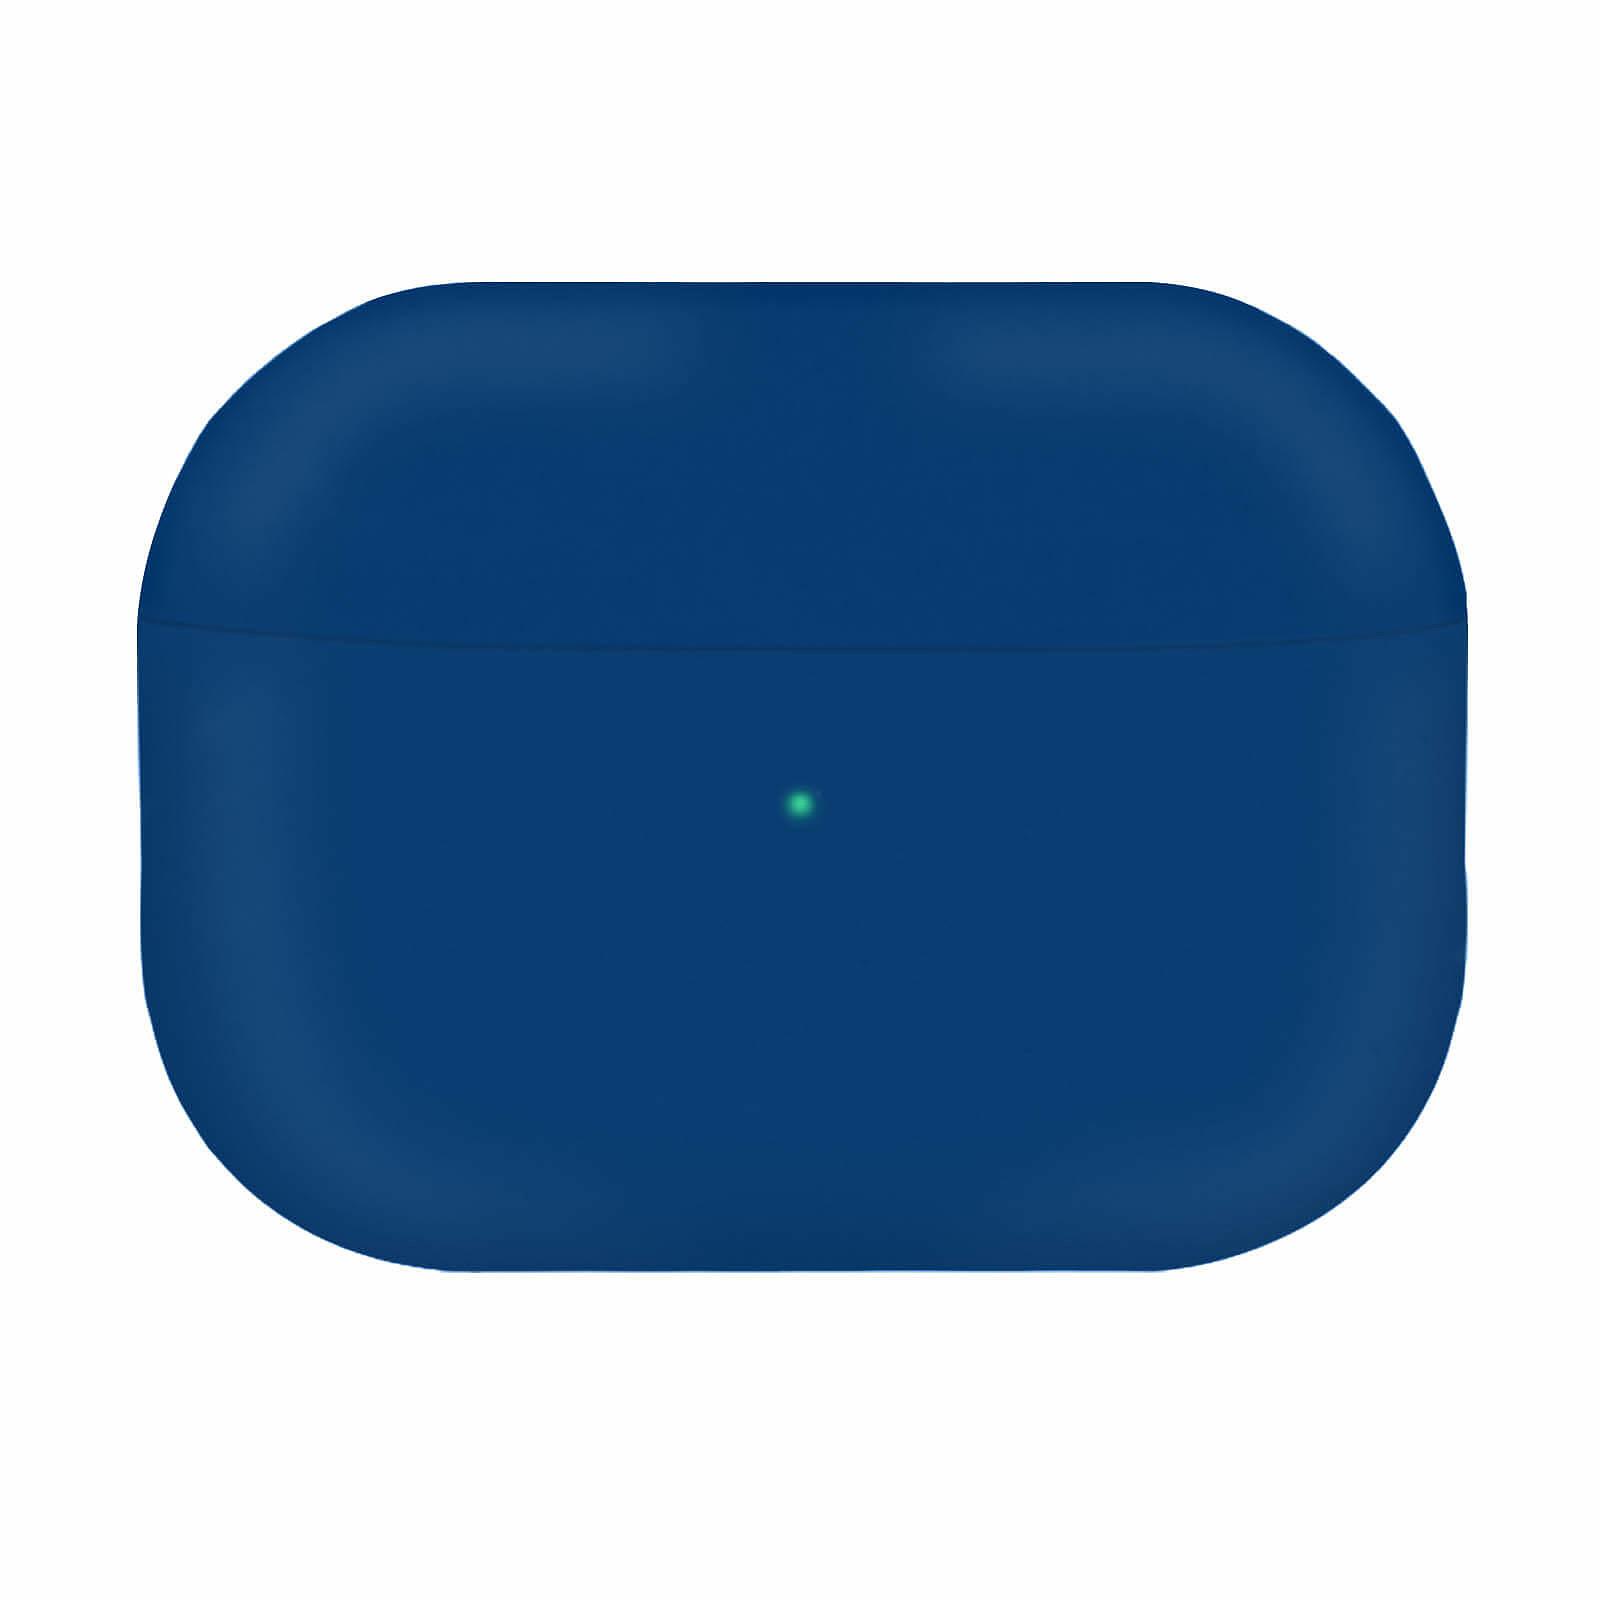 Avizar Coque Bleu Nuit pour Apple AirPods Pro